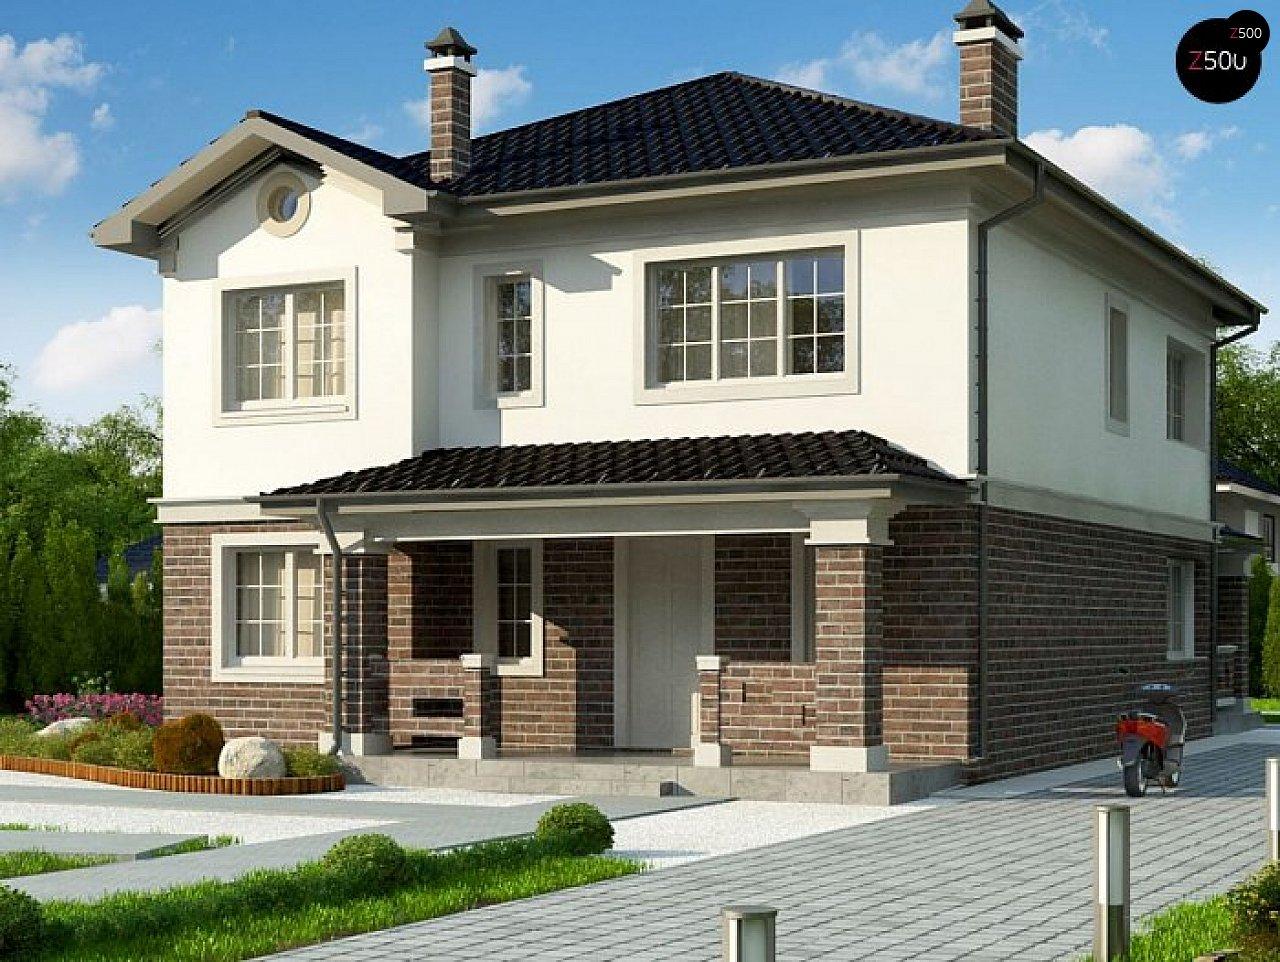 вариант двухэтажного дома Zz2 L BG в классическом стиле с плитами перекрытия - фото 1